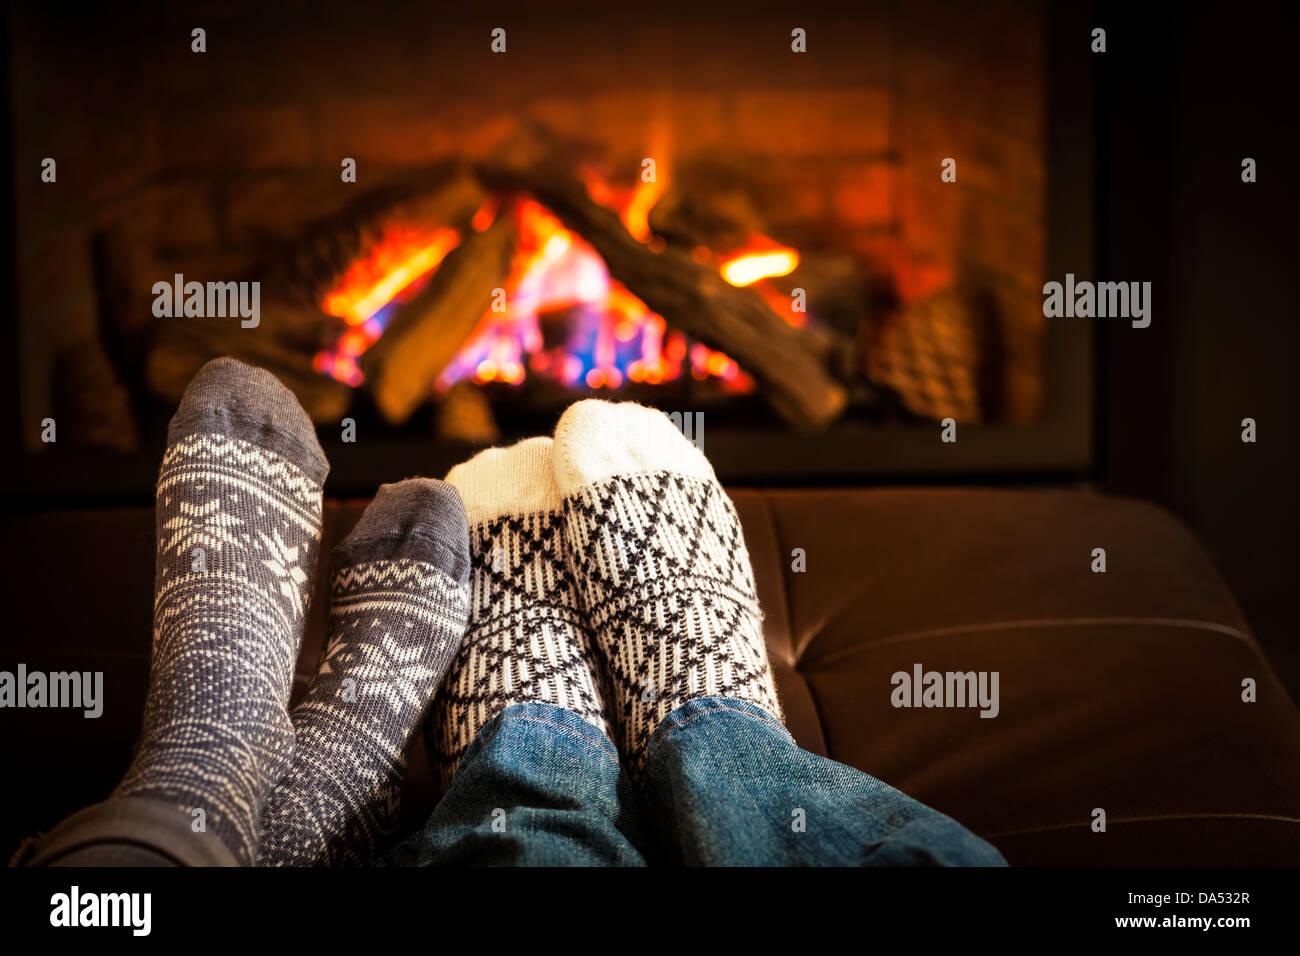 Feet in wool socks warming by cozy fire - Stock Image